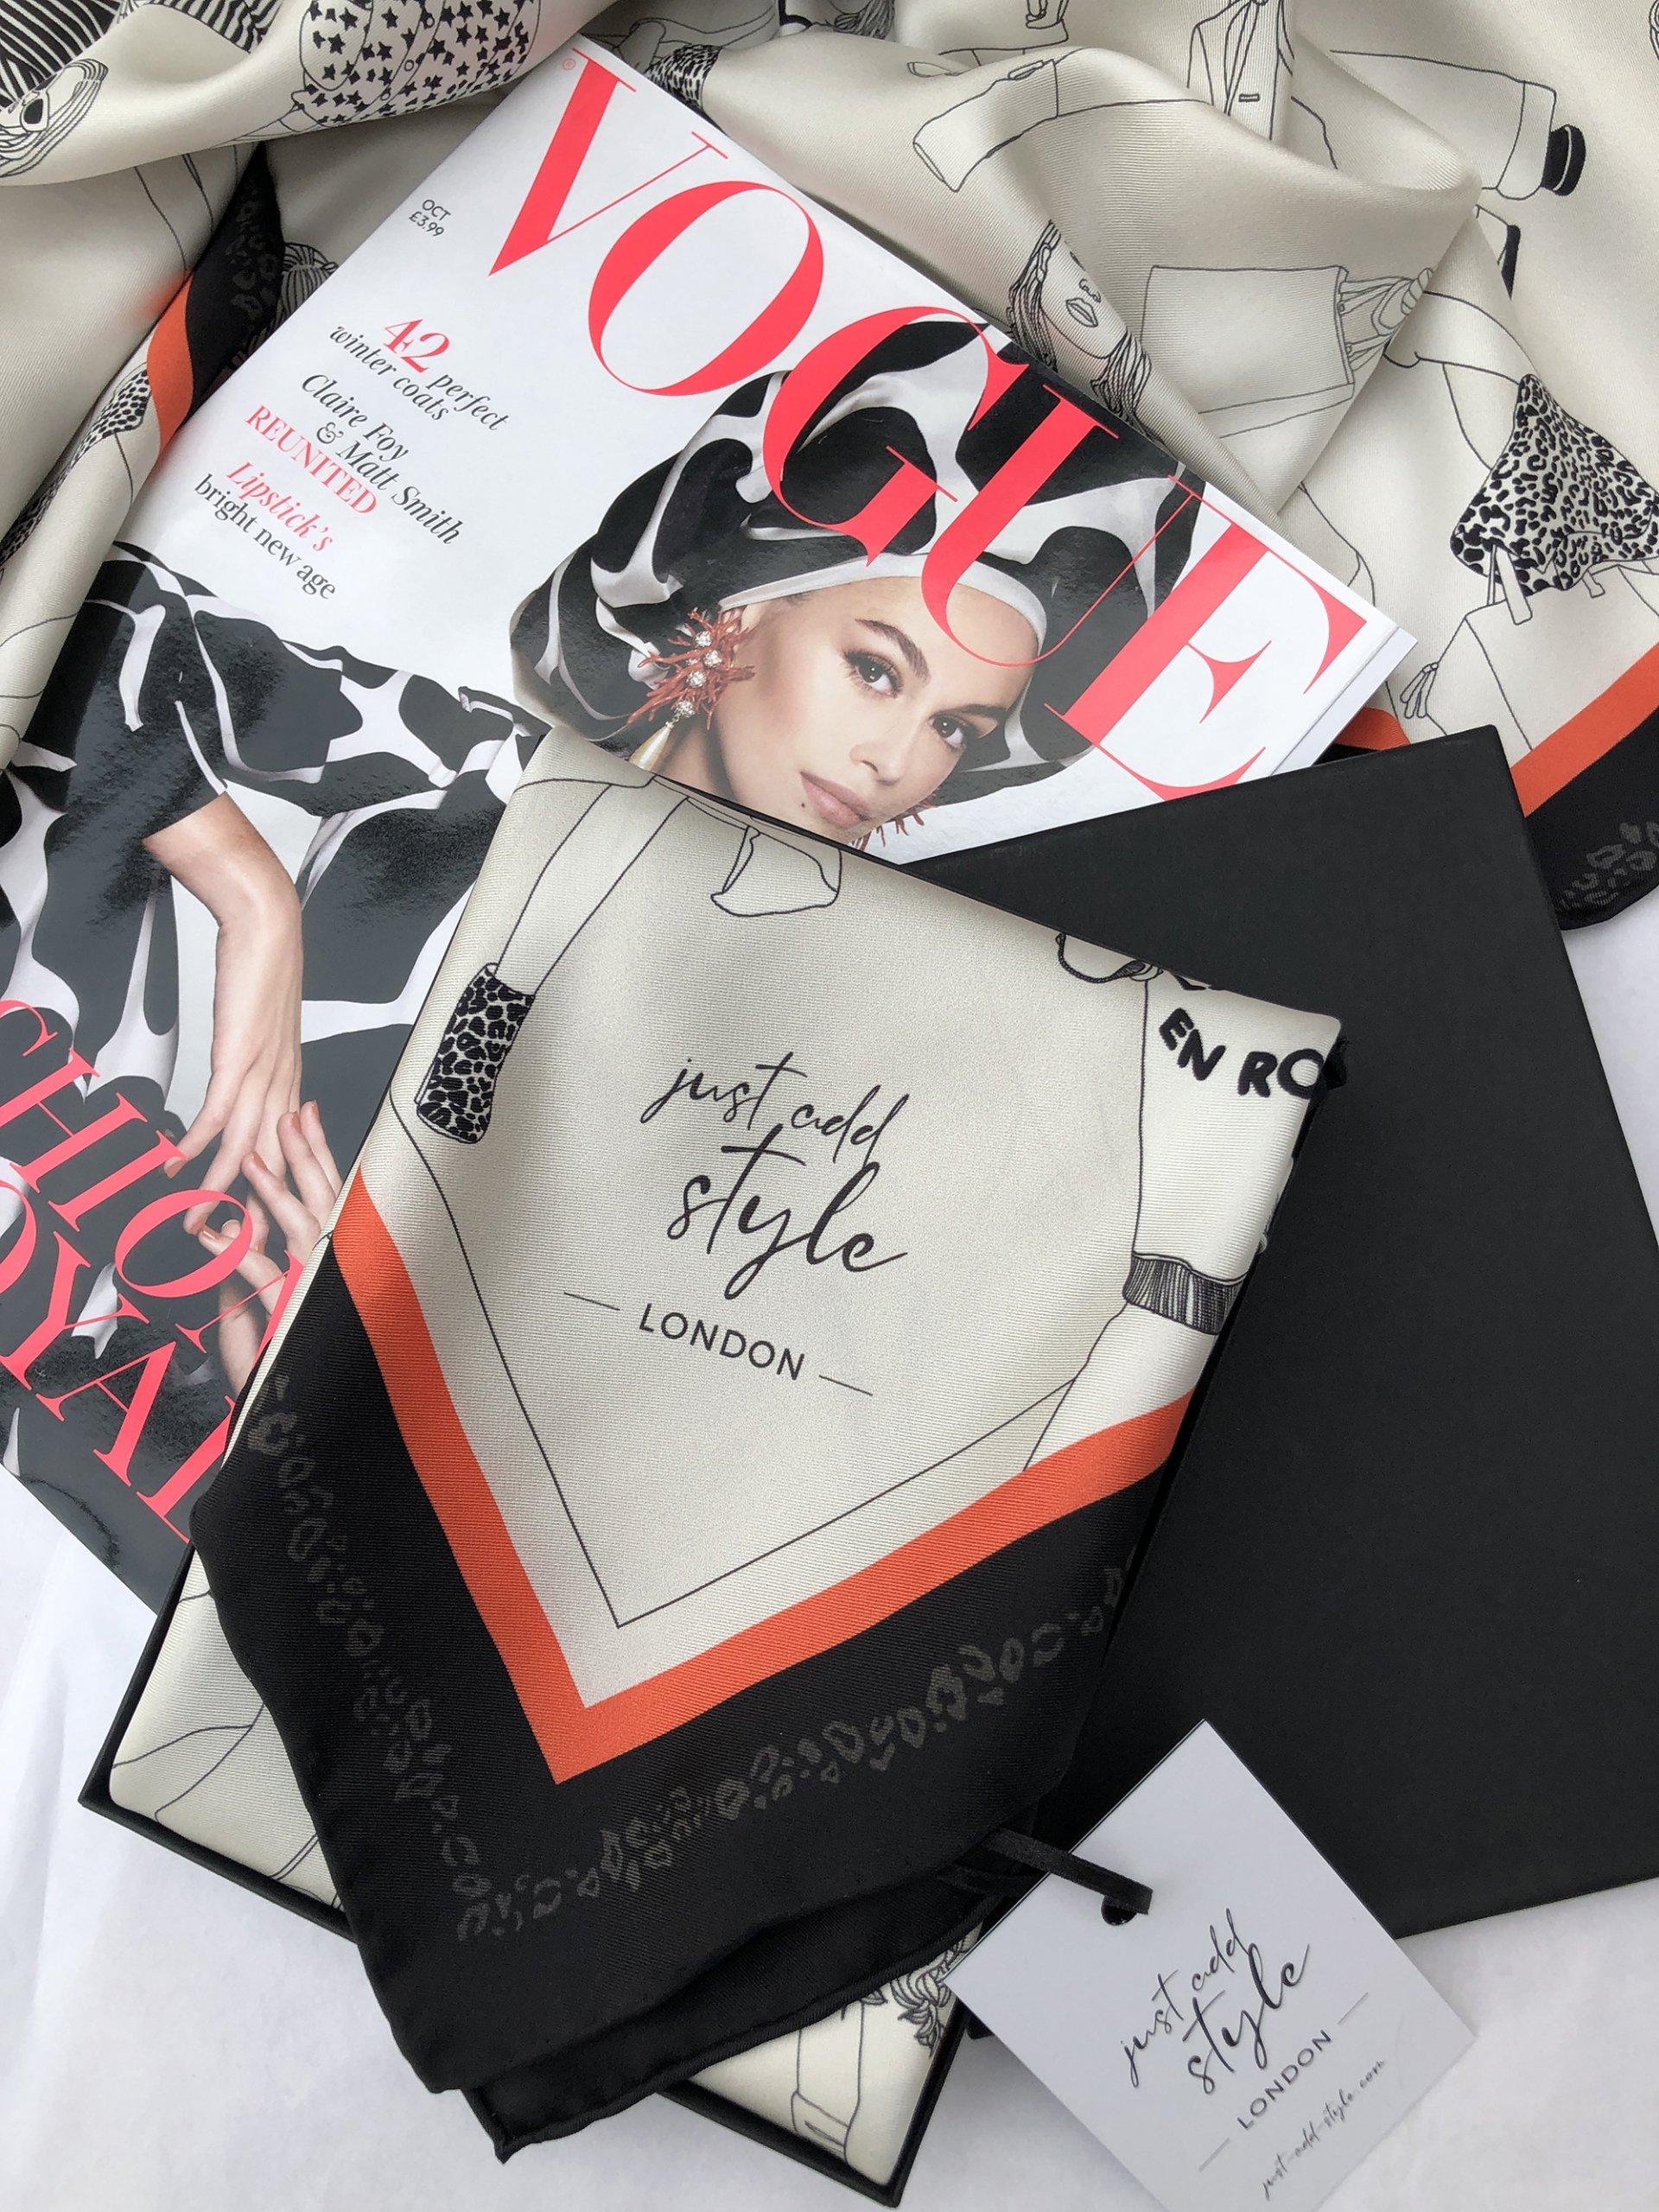 LondonFashion_boxed+Vogue